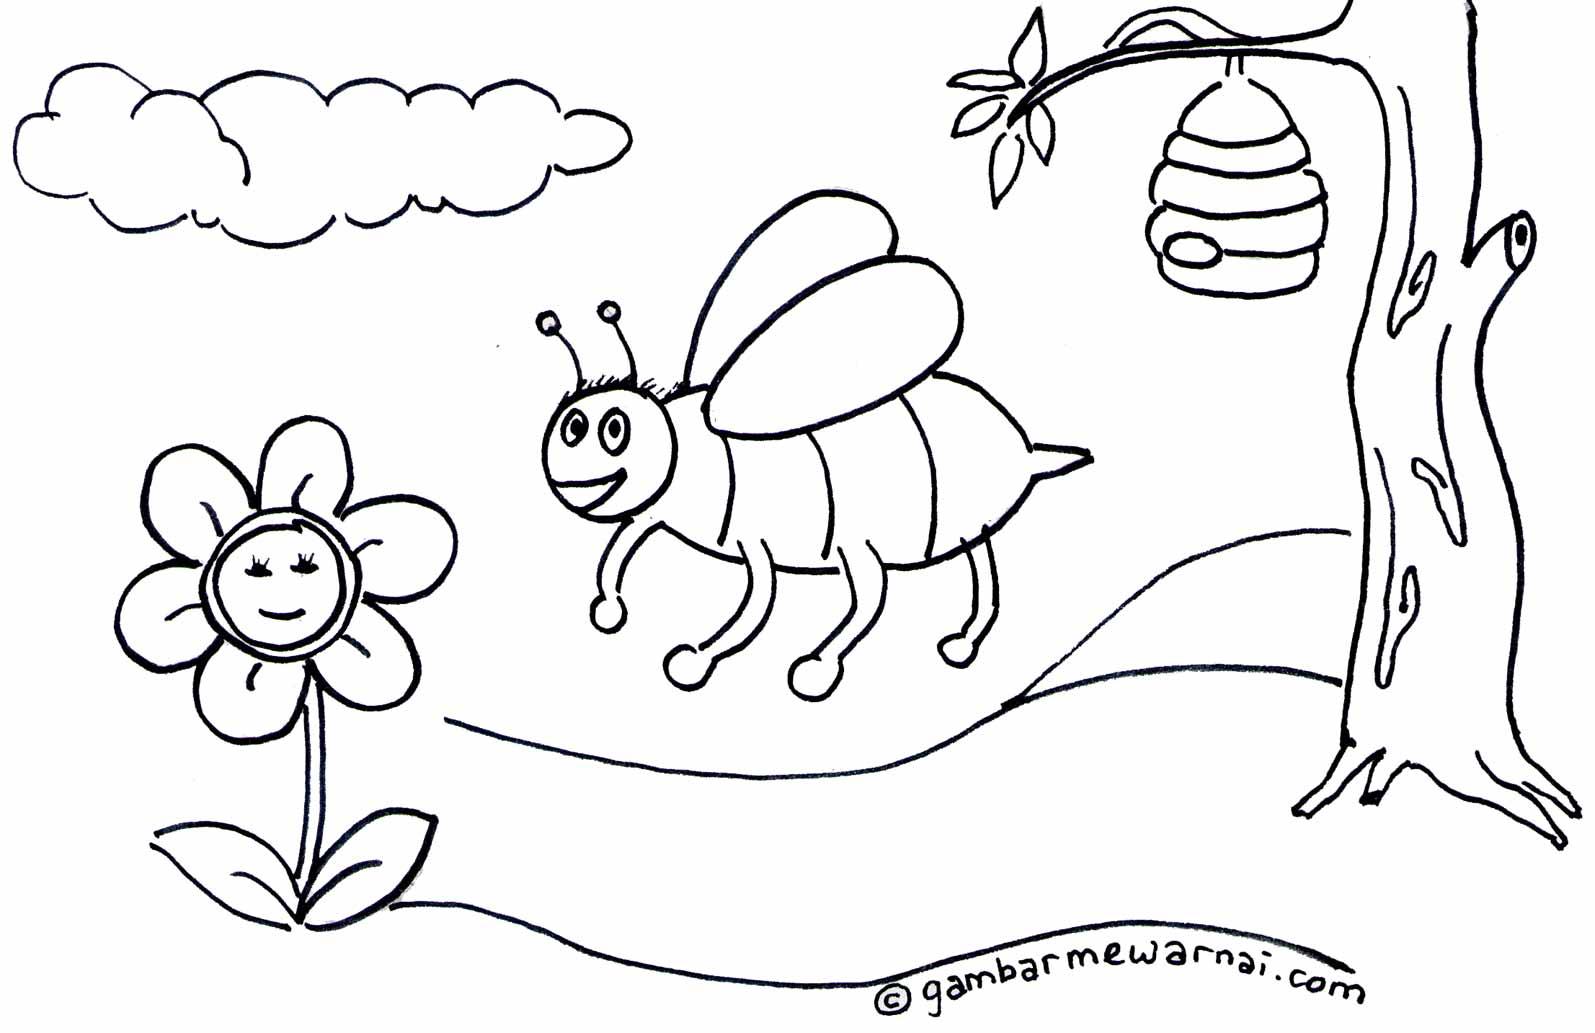 contoh gambar mewarnai lebah – koleksi gambar lebah kartun untuk